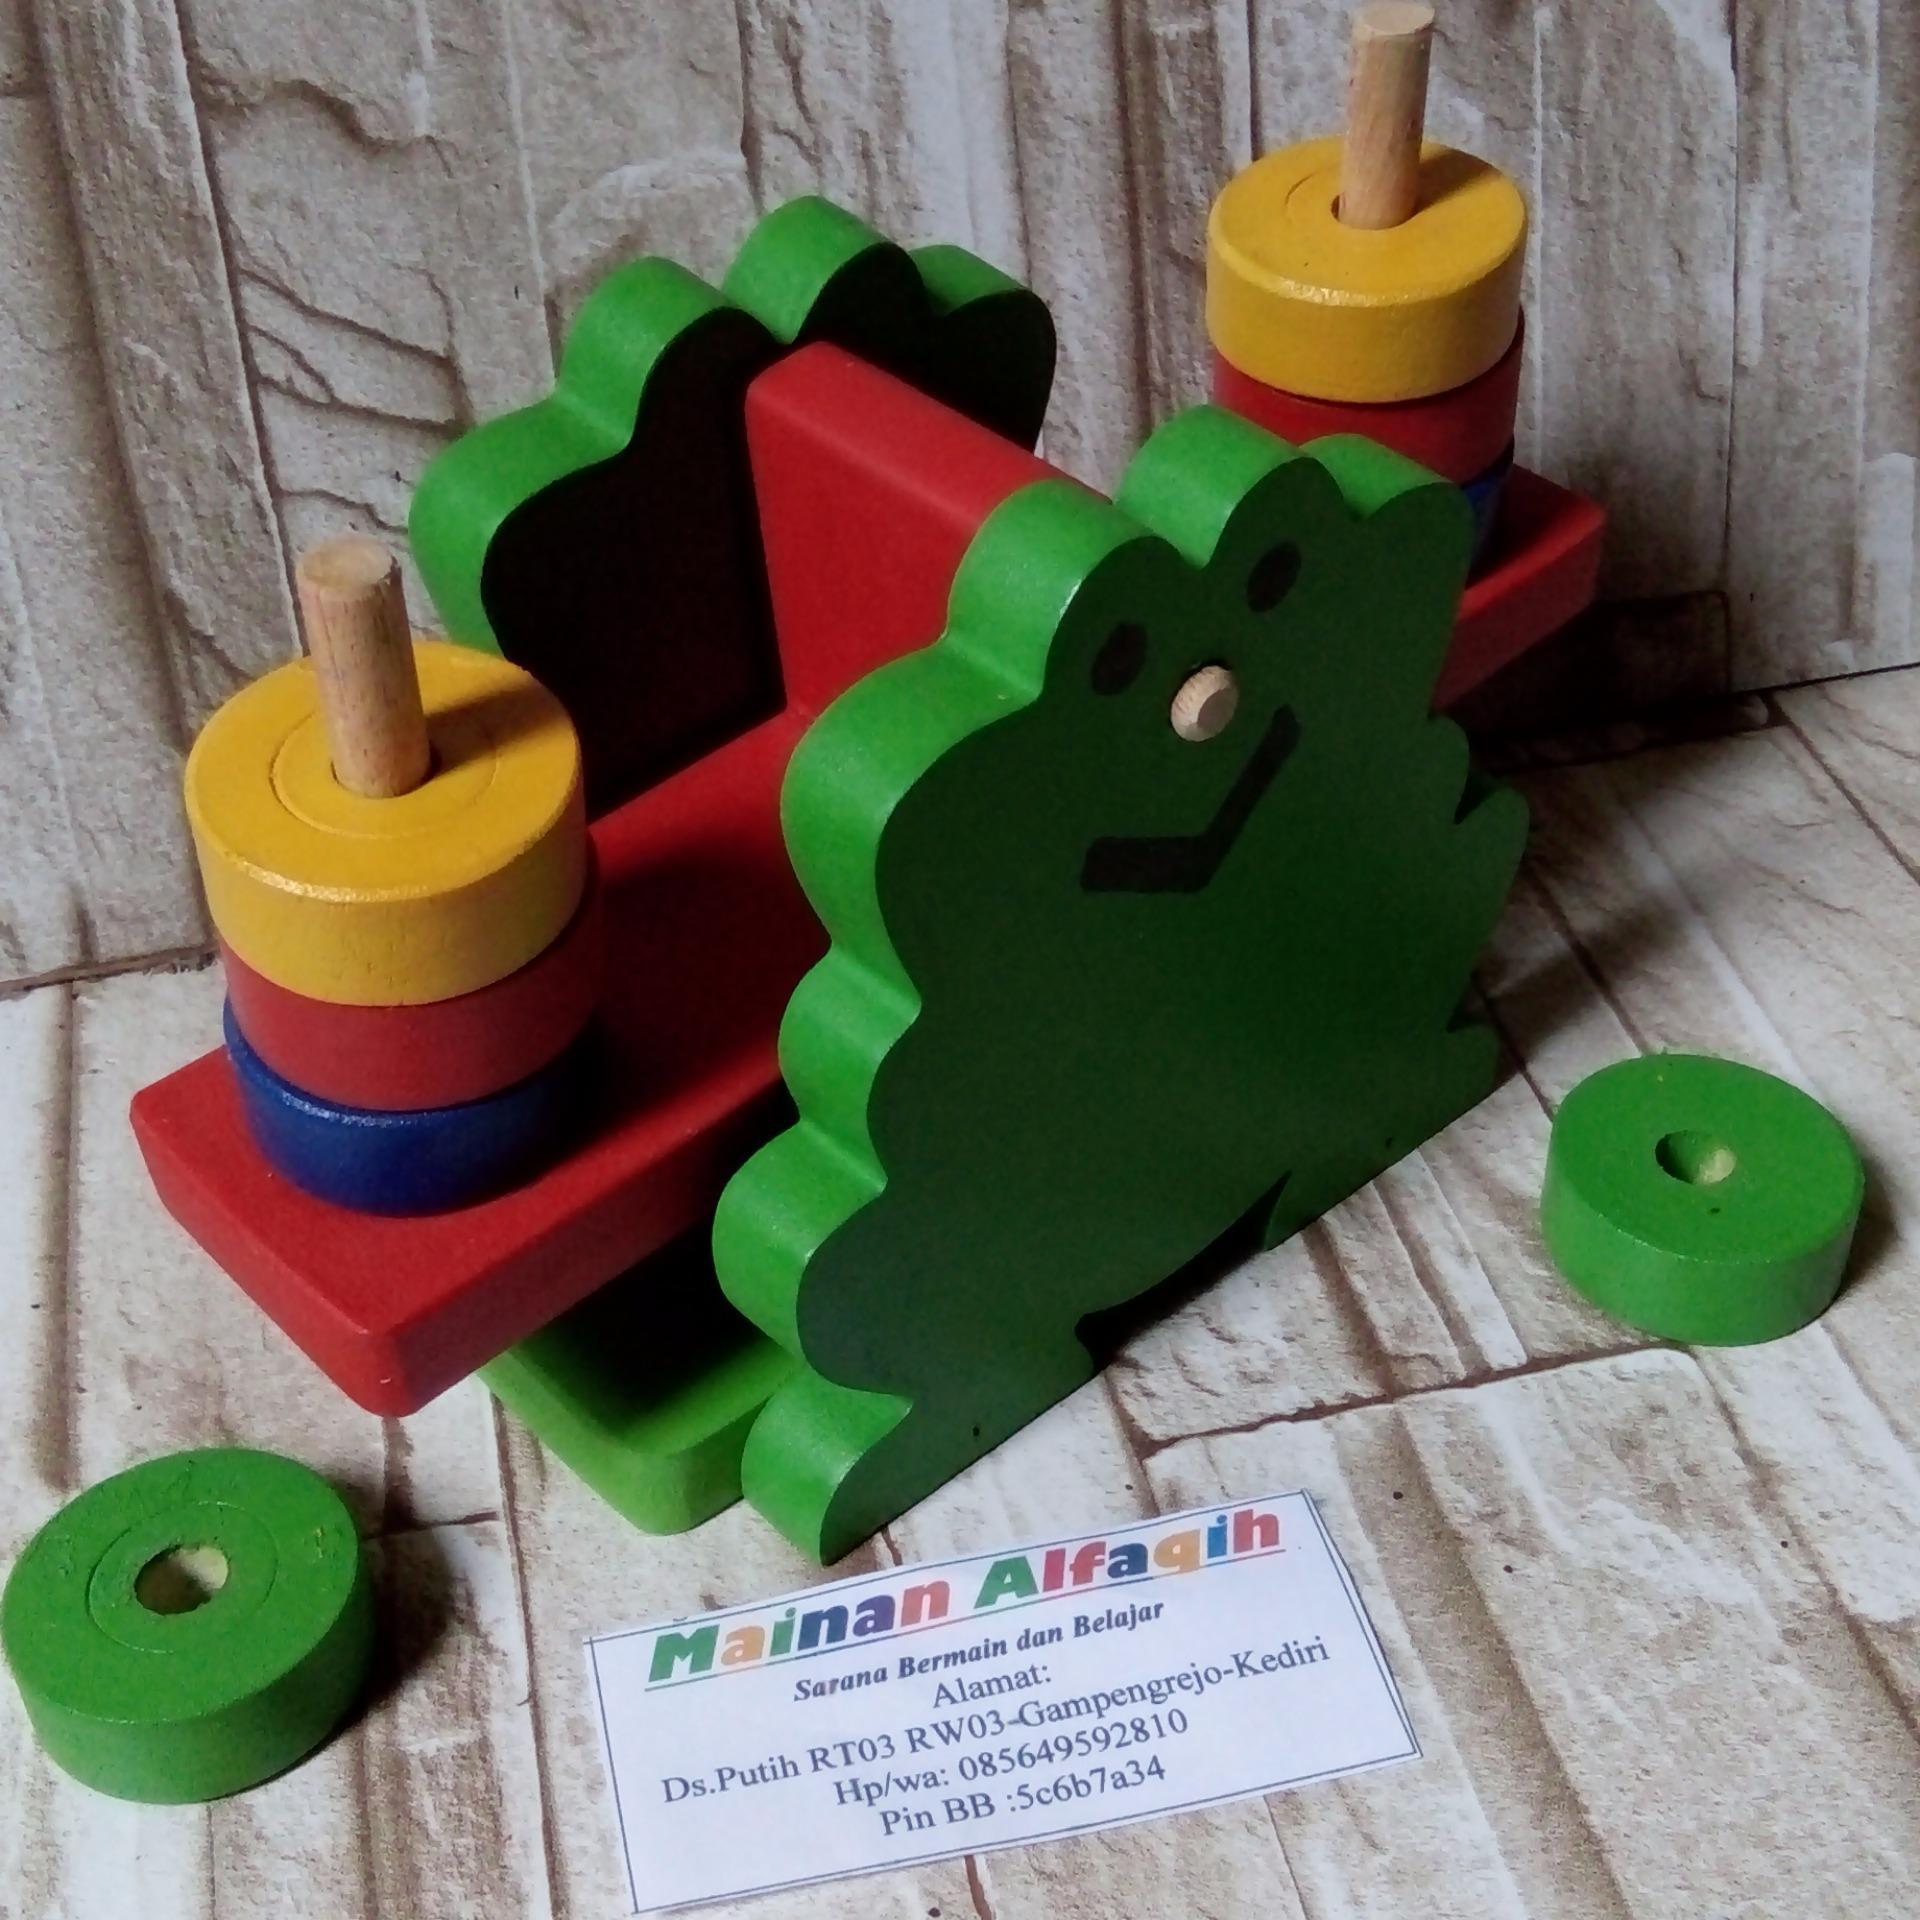 Mainanalfaqih - Mainan Edukatif Anak - Mainan Edukasi - Timbangan Bentuk Katak .